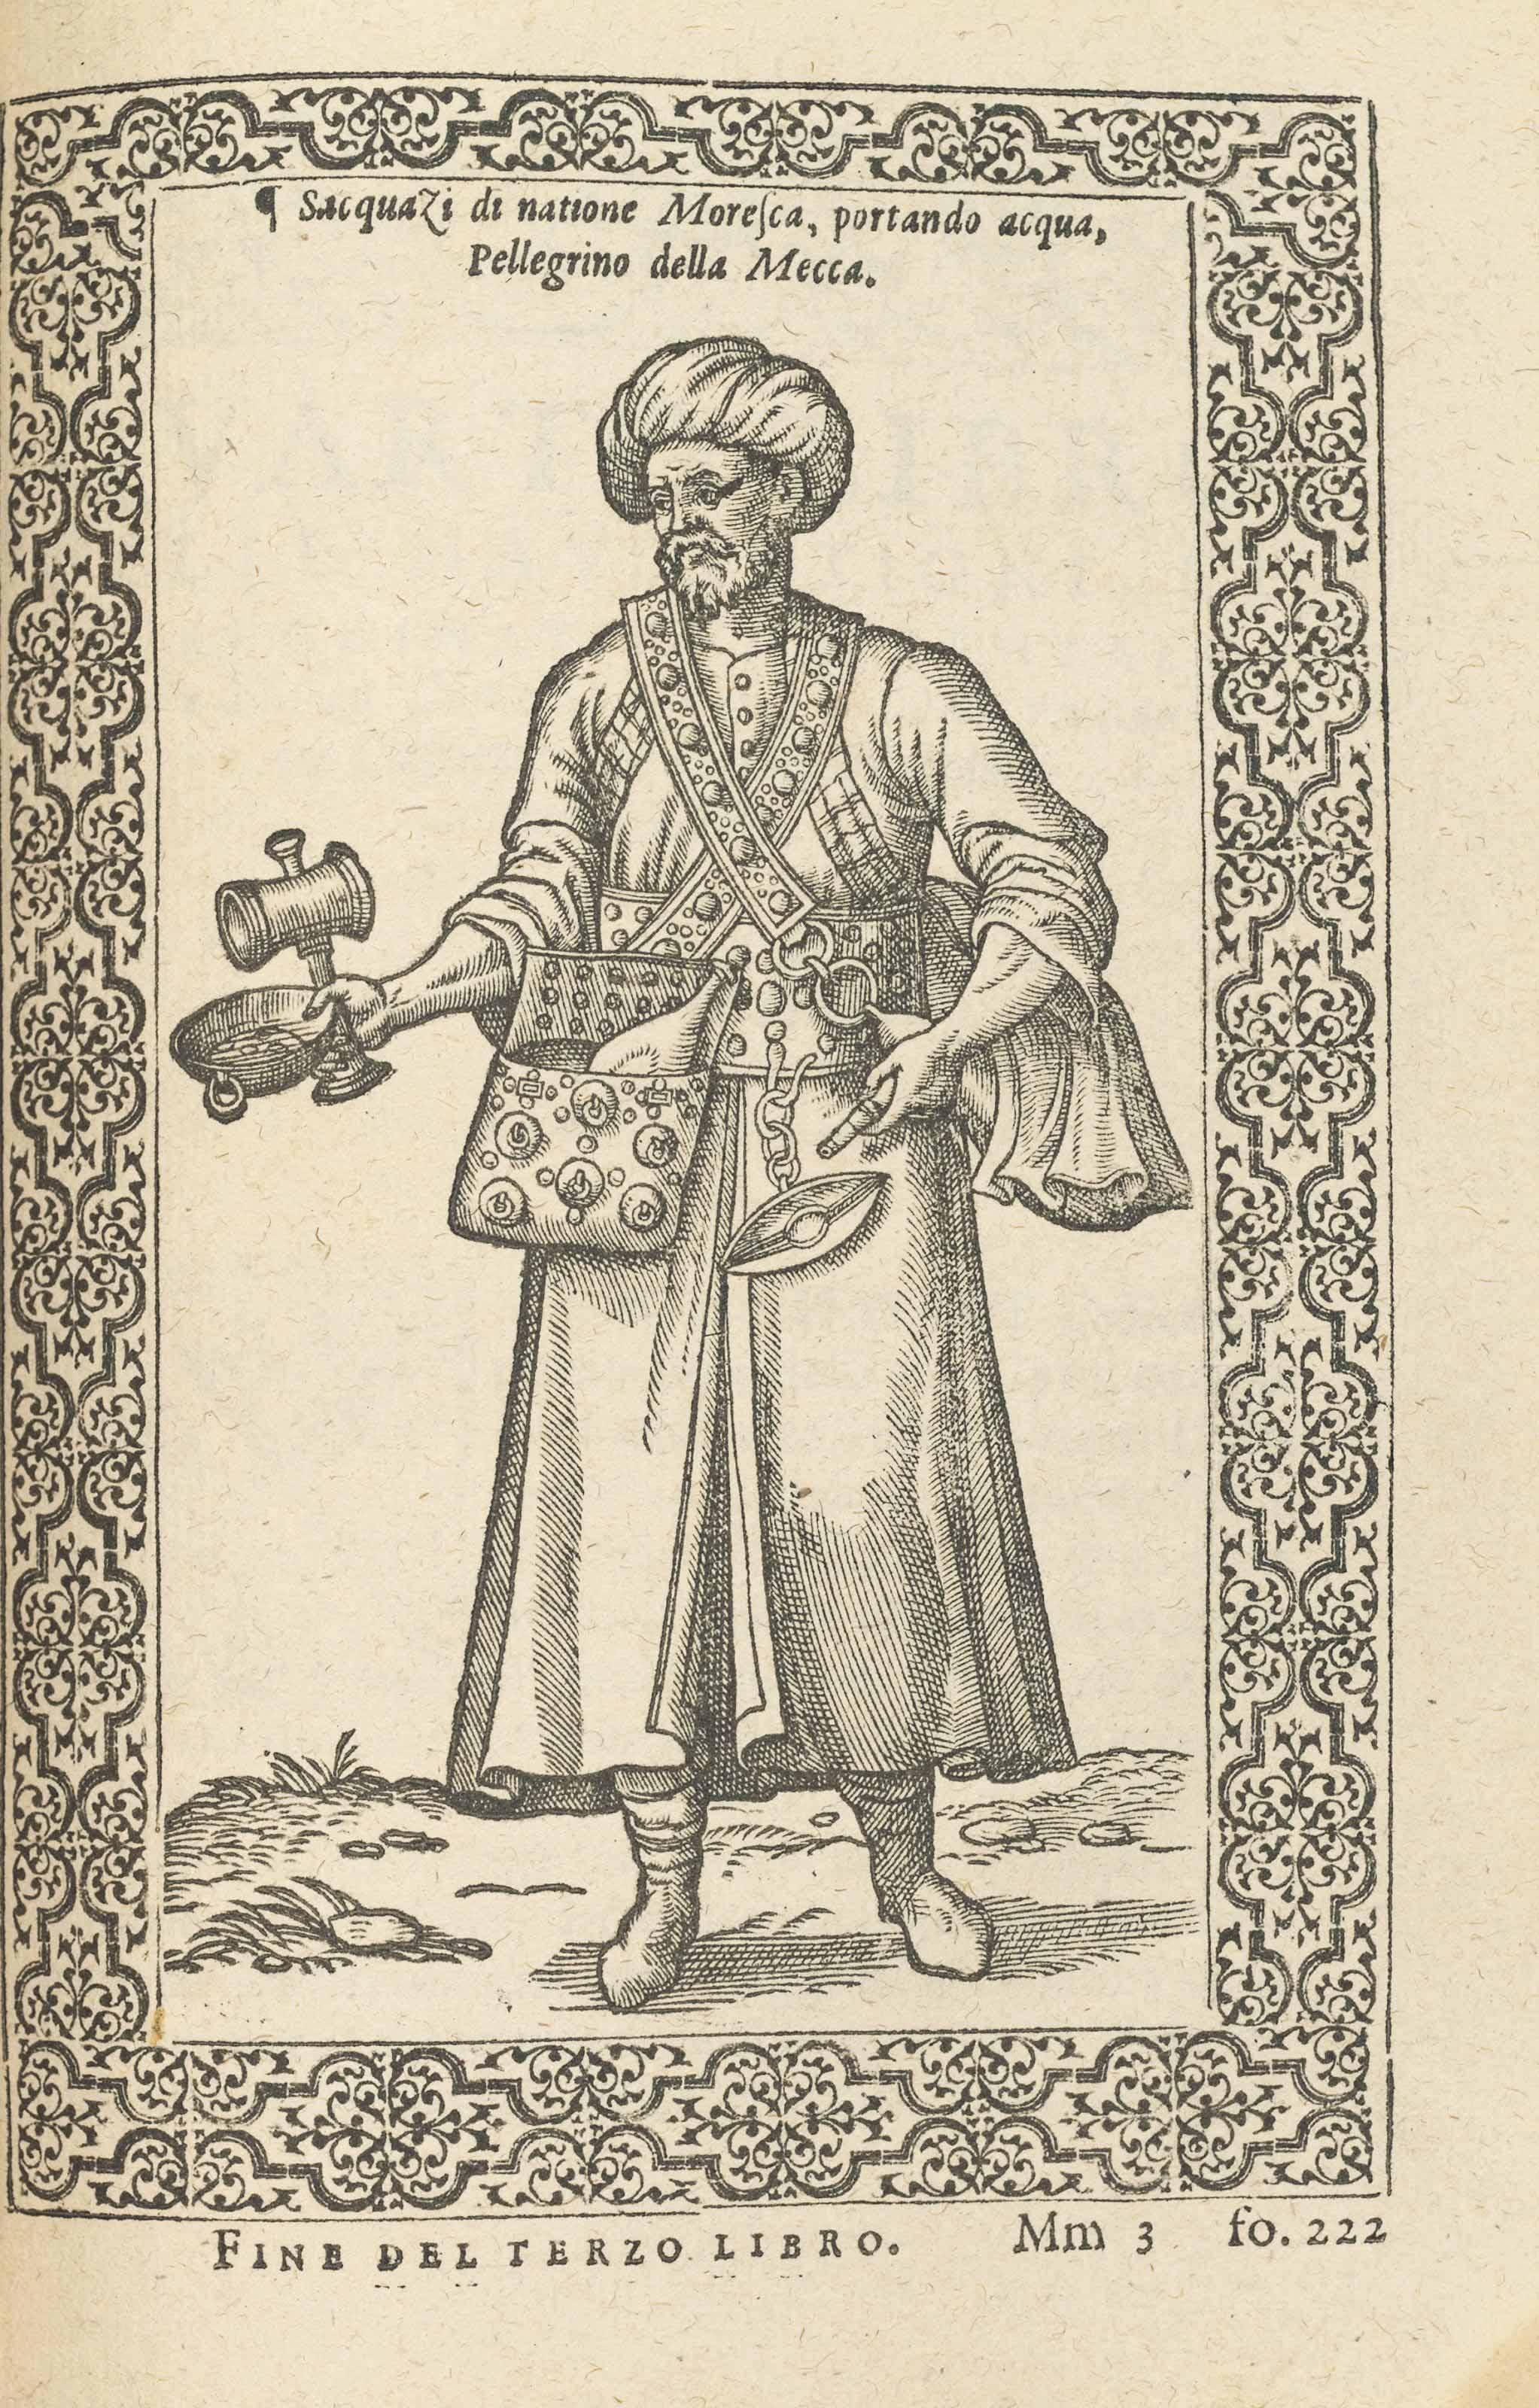 ORTELIUS, Abraham (1527-1598) and Joannes VIVIANUS. Itinerarium Per Nonnullas Galliae Belgicae Partes. Antwerp: Plantin, 1584.